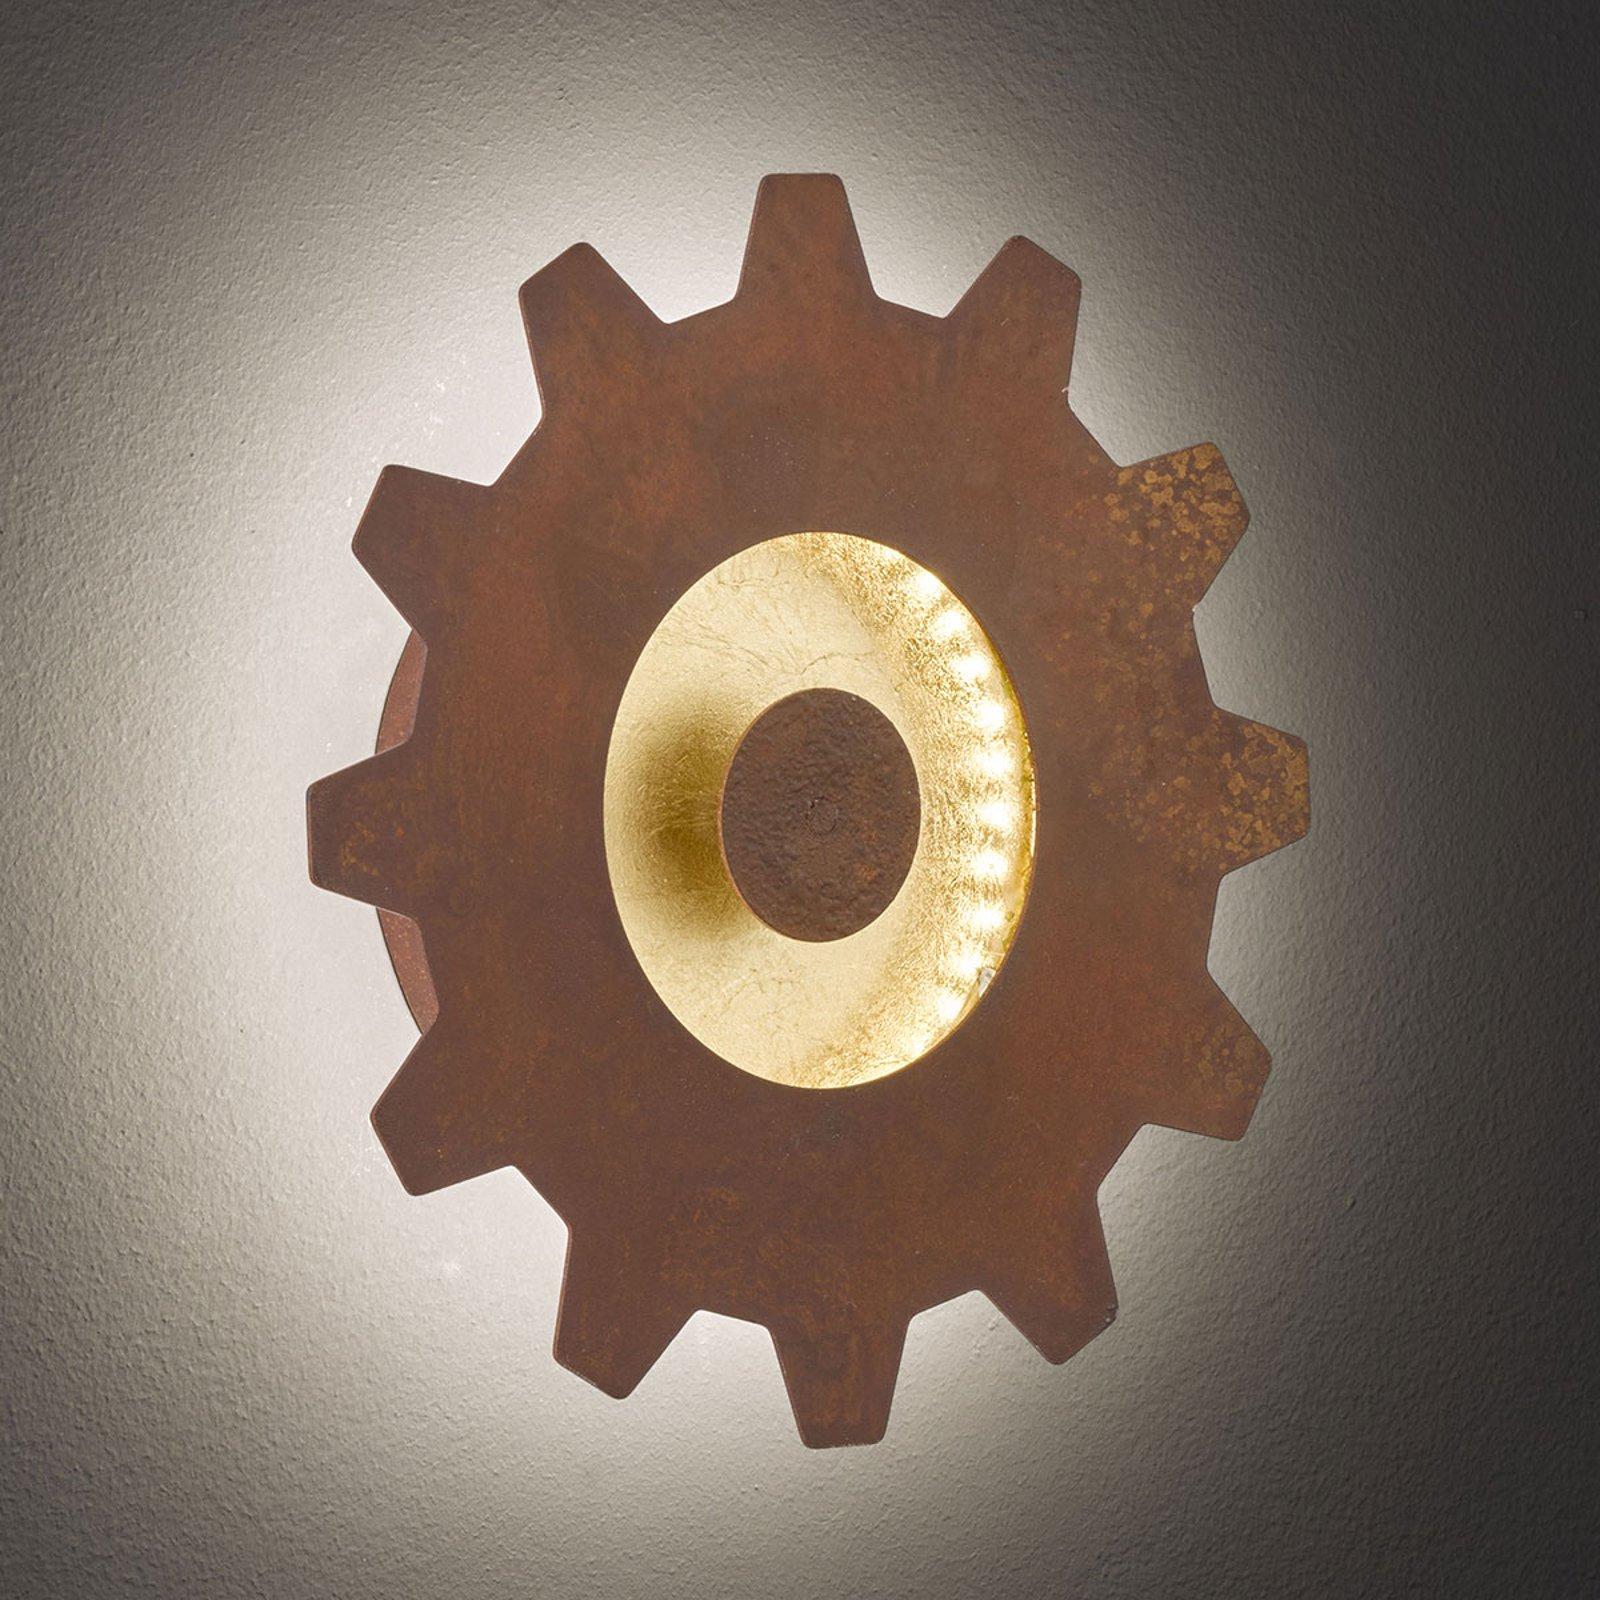 LED-vegglampe Leif med gullaksent